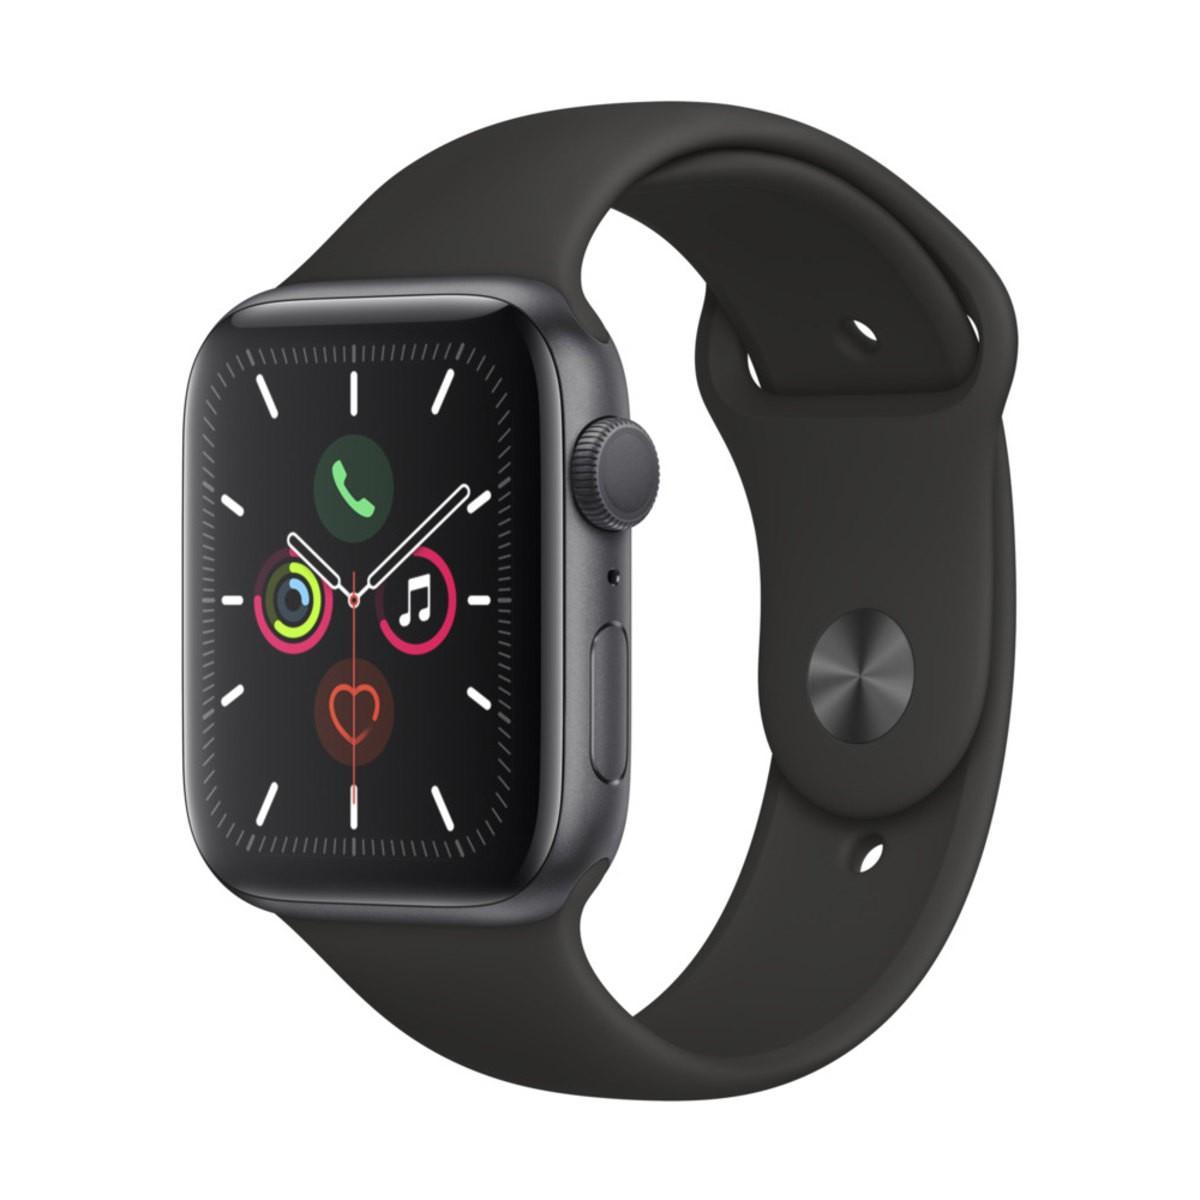 Relógio esportivo Apple Watch Series 5 com GPS + Celular  44mm - Usado